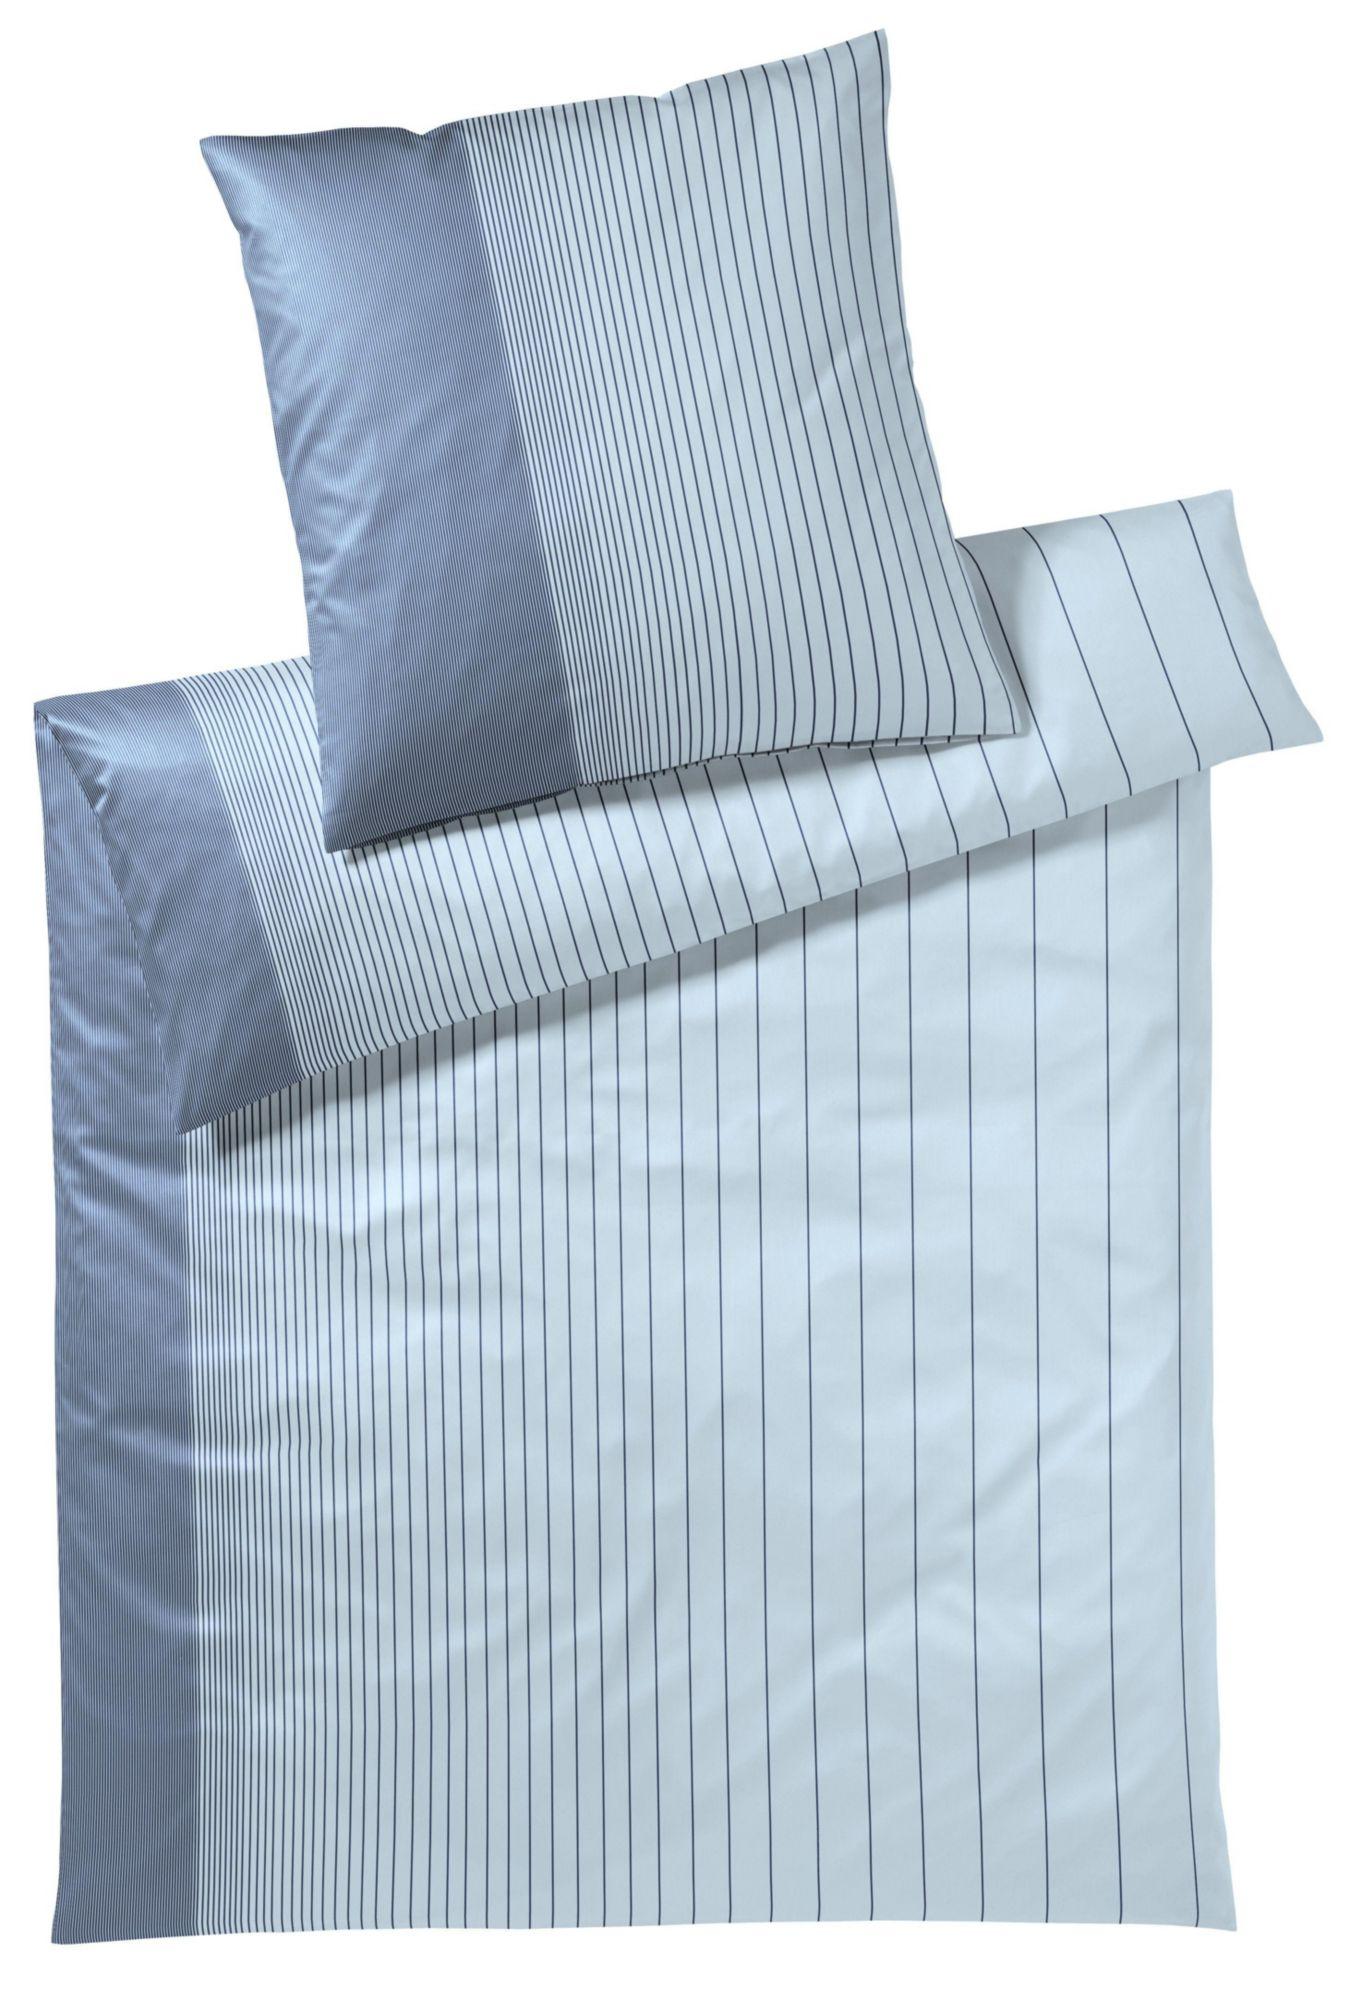 ELEGANTE Bettwäsche, elegante, »Verve«, mit dünnen Streifen